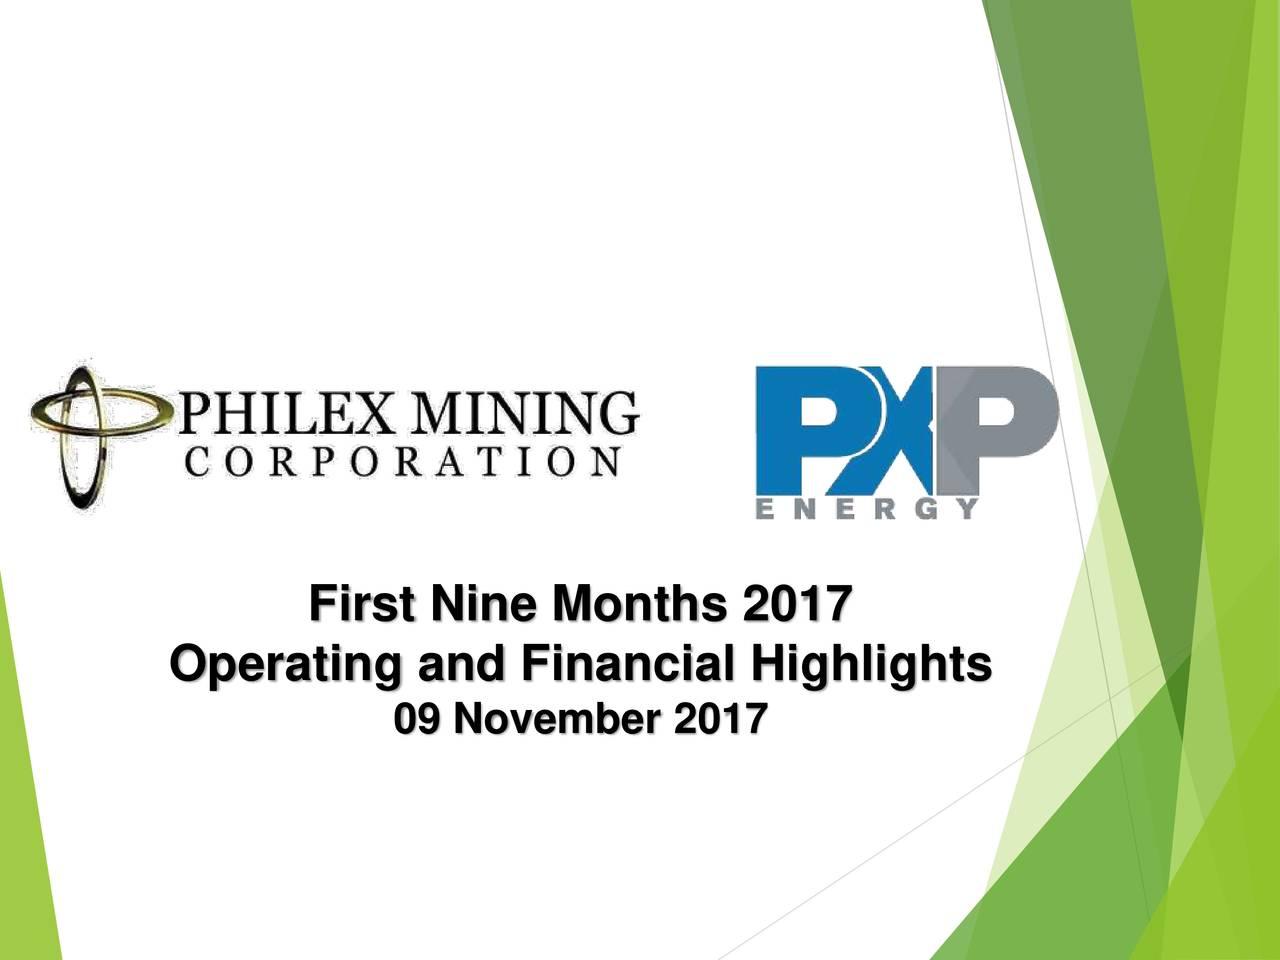 Operating and Financial Highlights 09 November 2017